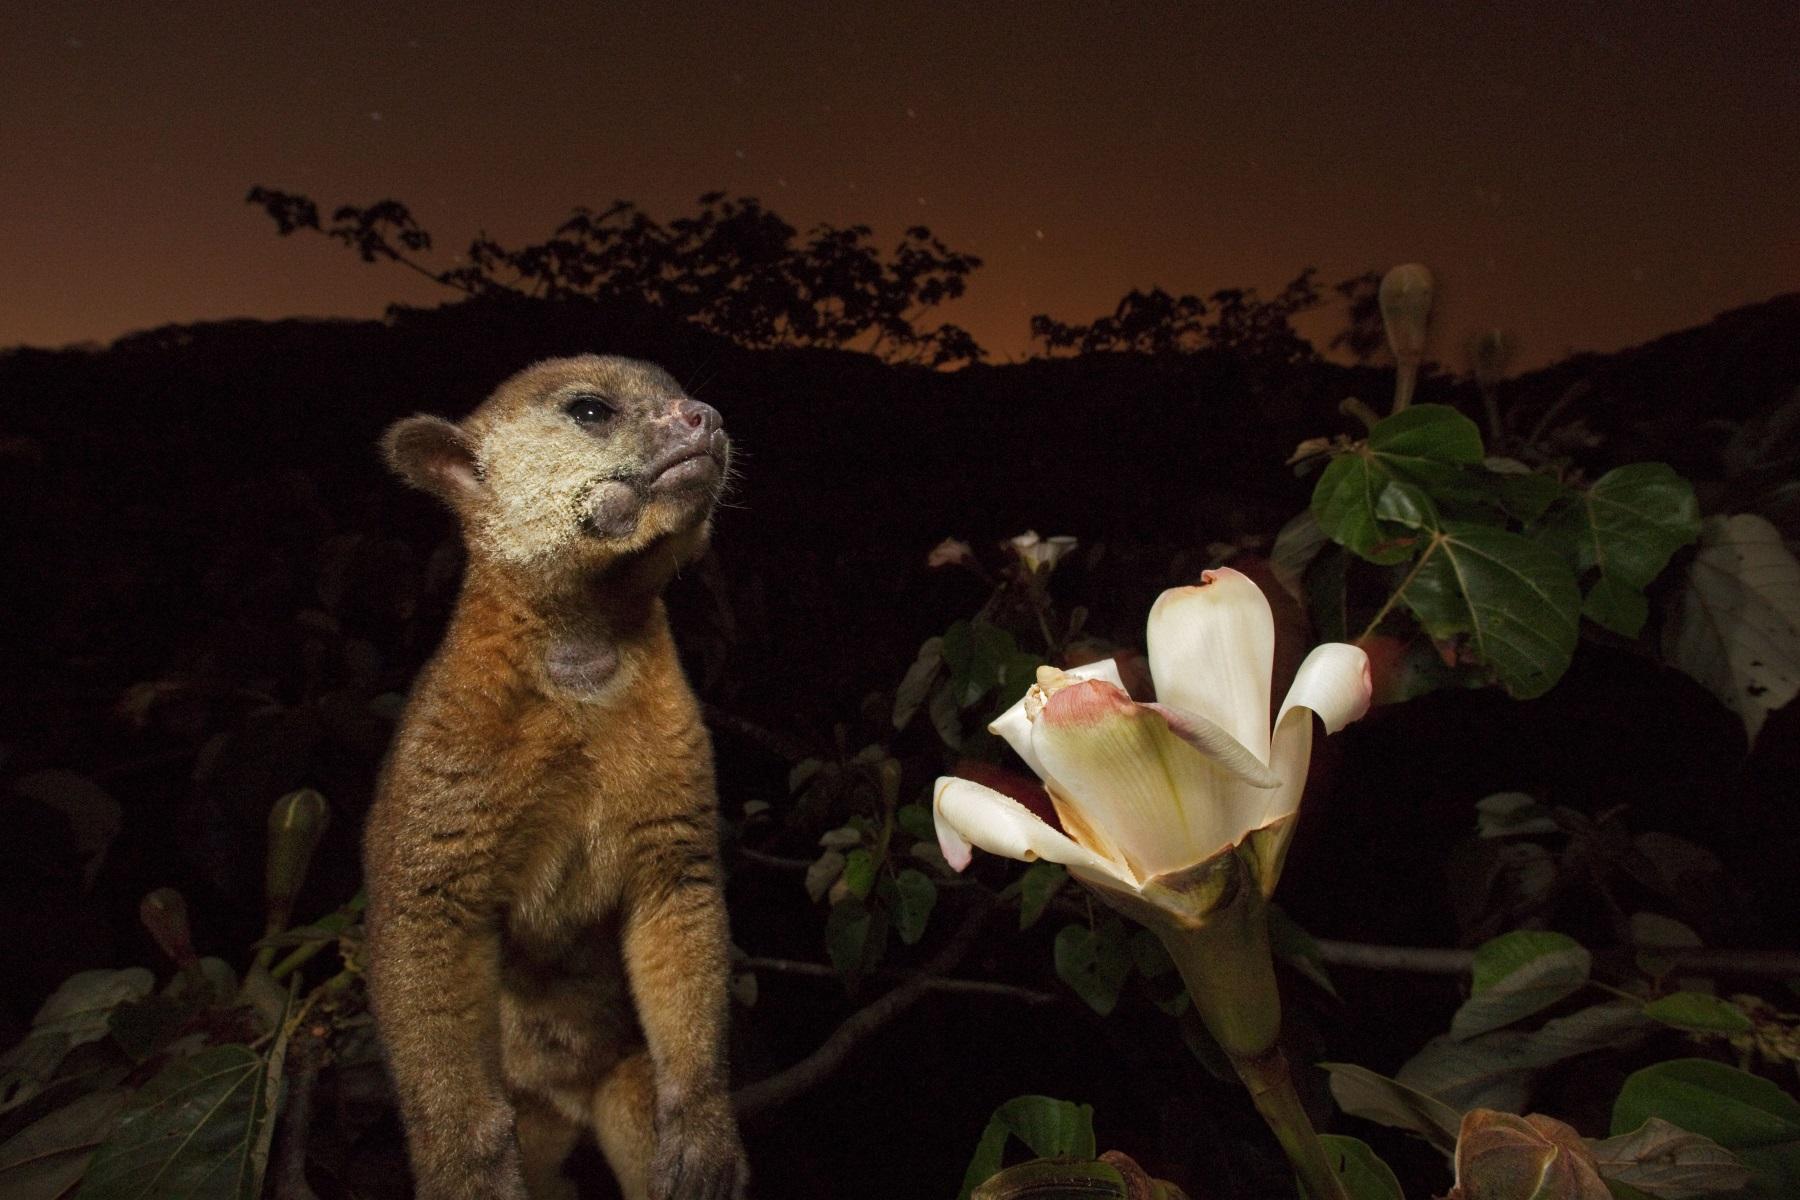 Un kinkajú con el hocico cubierto de polen luego de sorber el néctar de una flor del árbol de balsa.